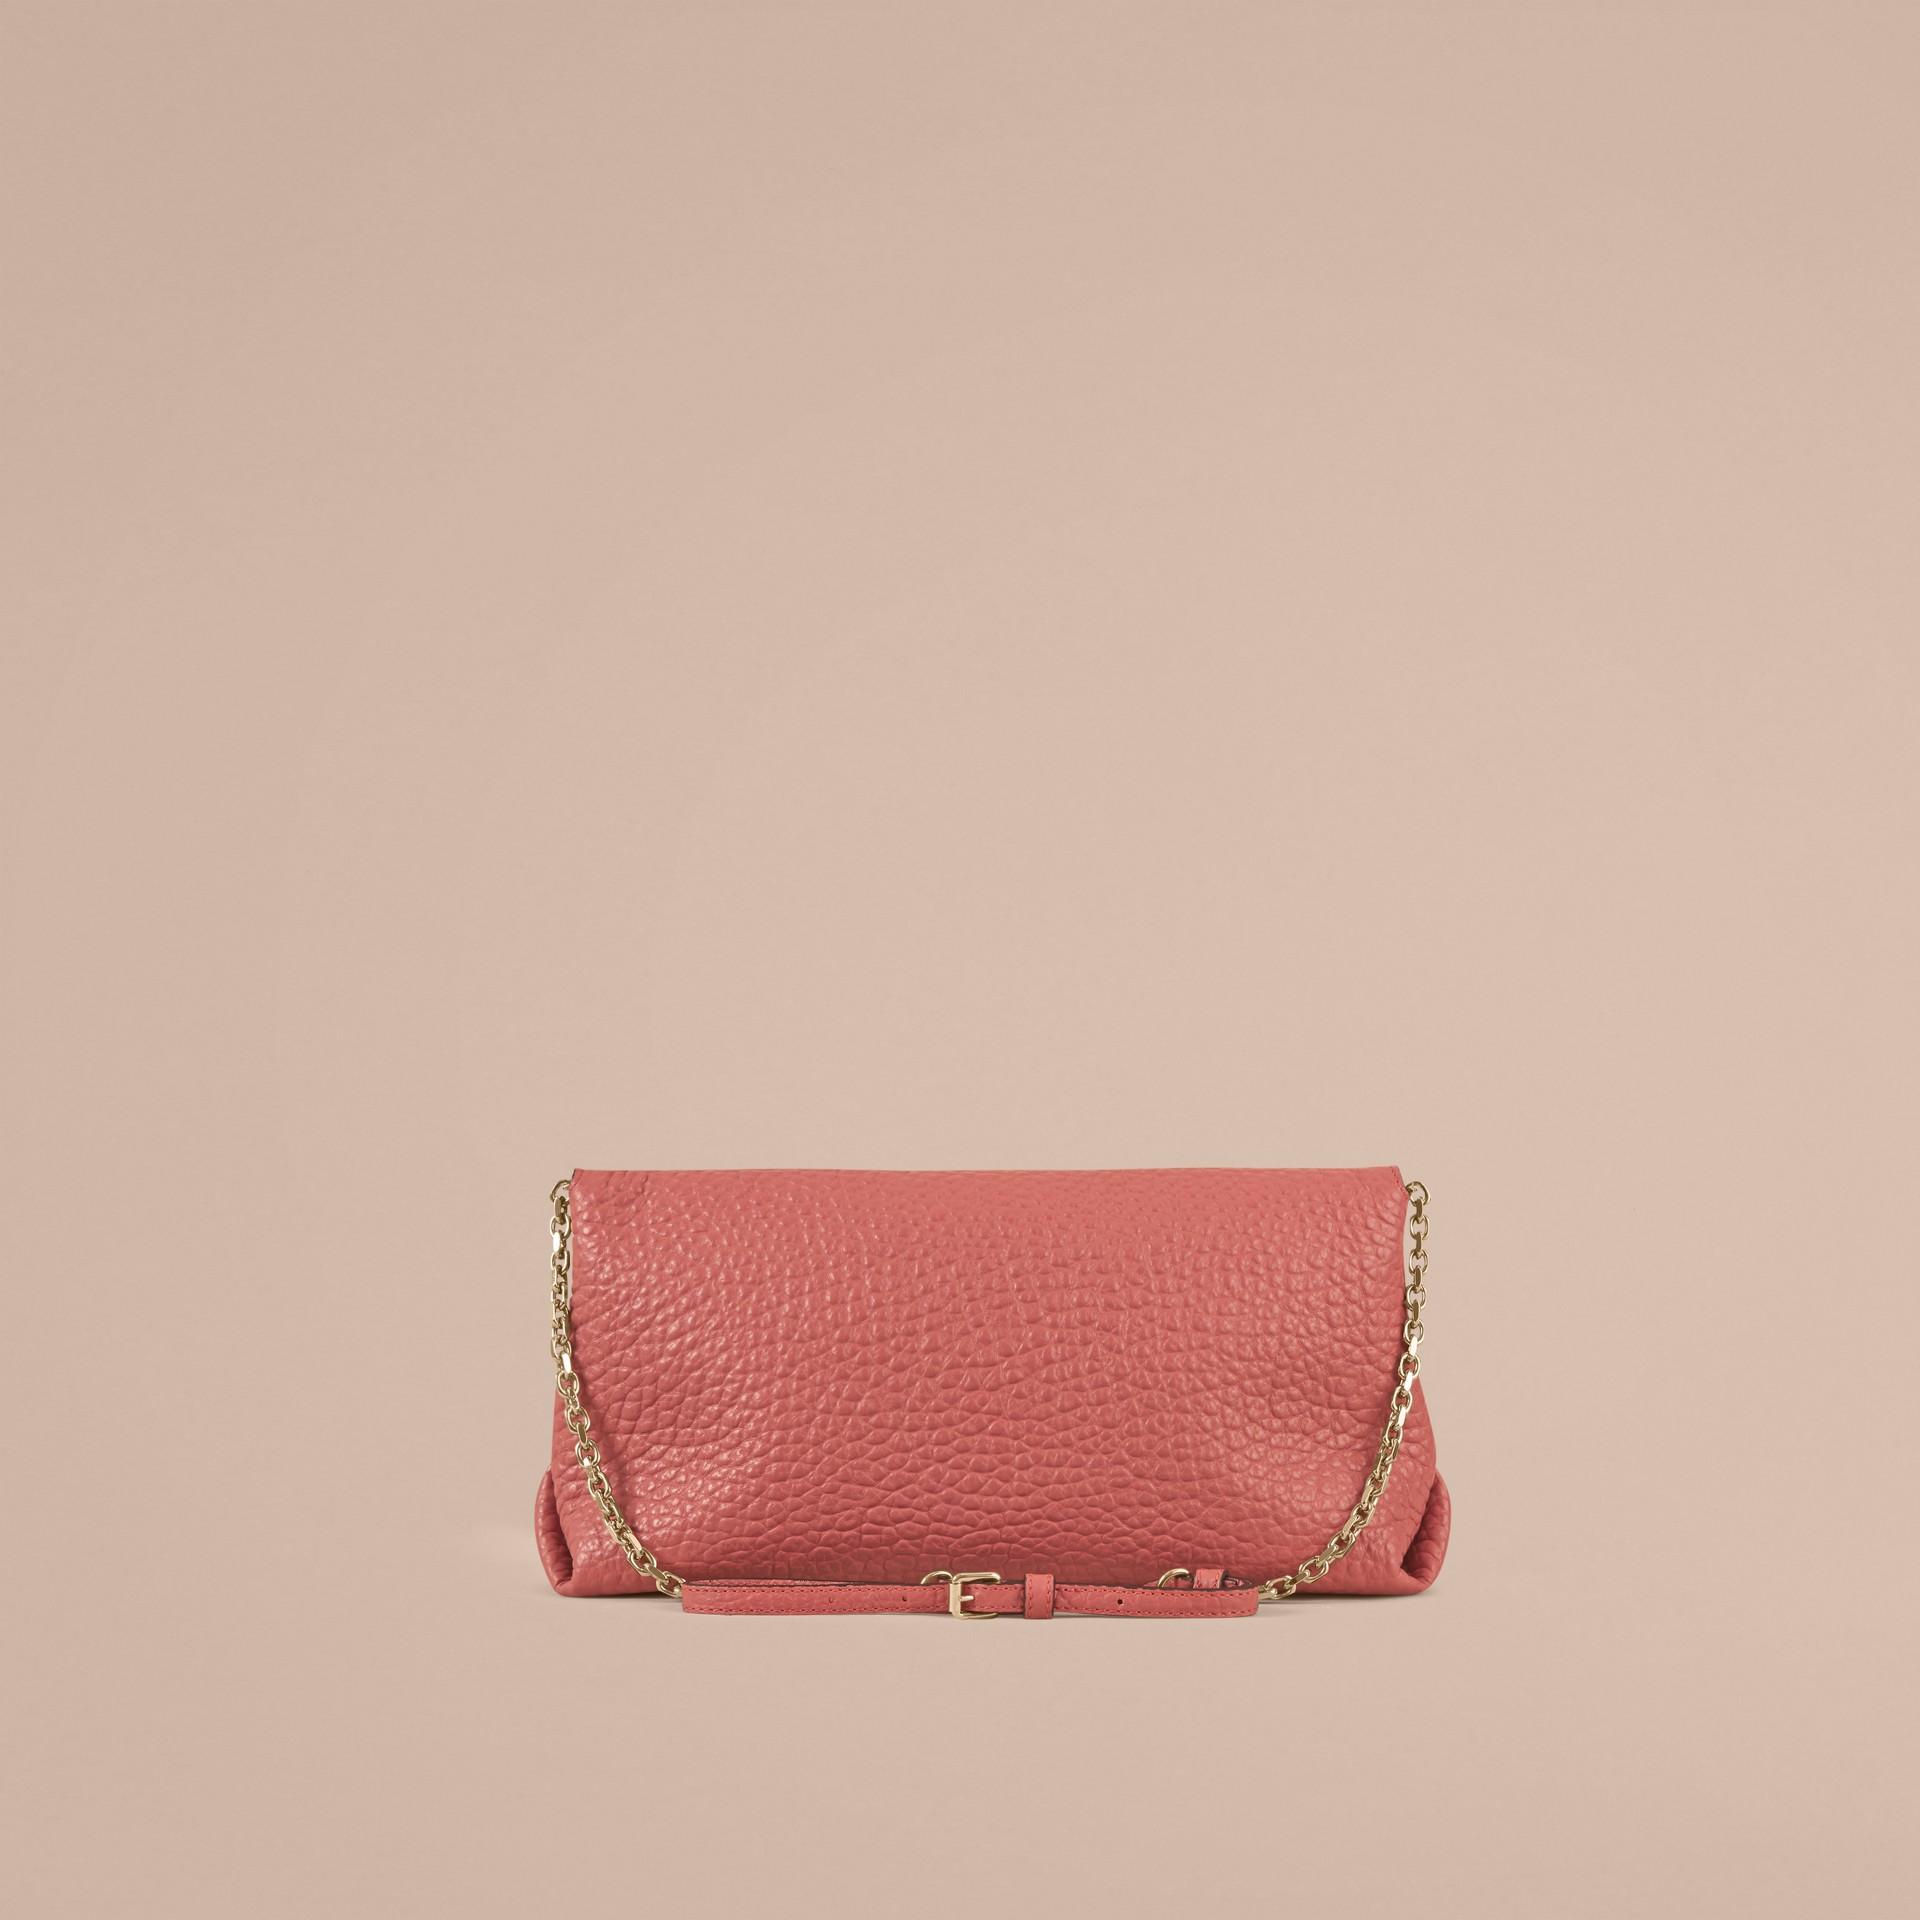 Rosa antico Pochette media in pelle a grana Burberry Rosa Antico - immagine della galleria 3